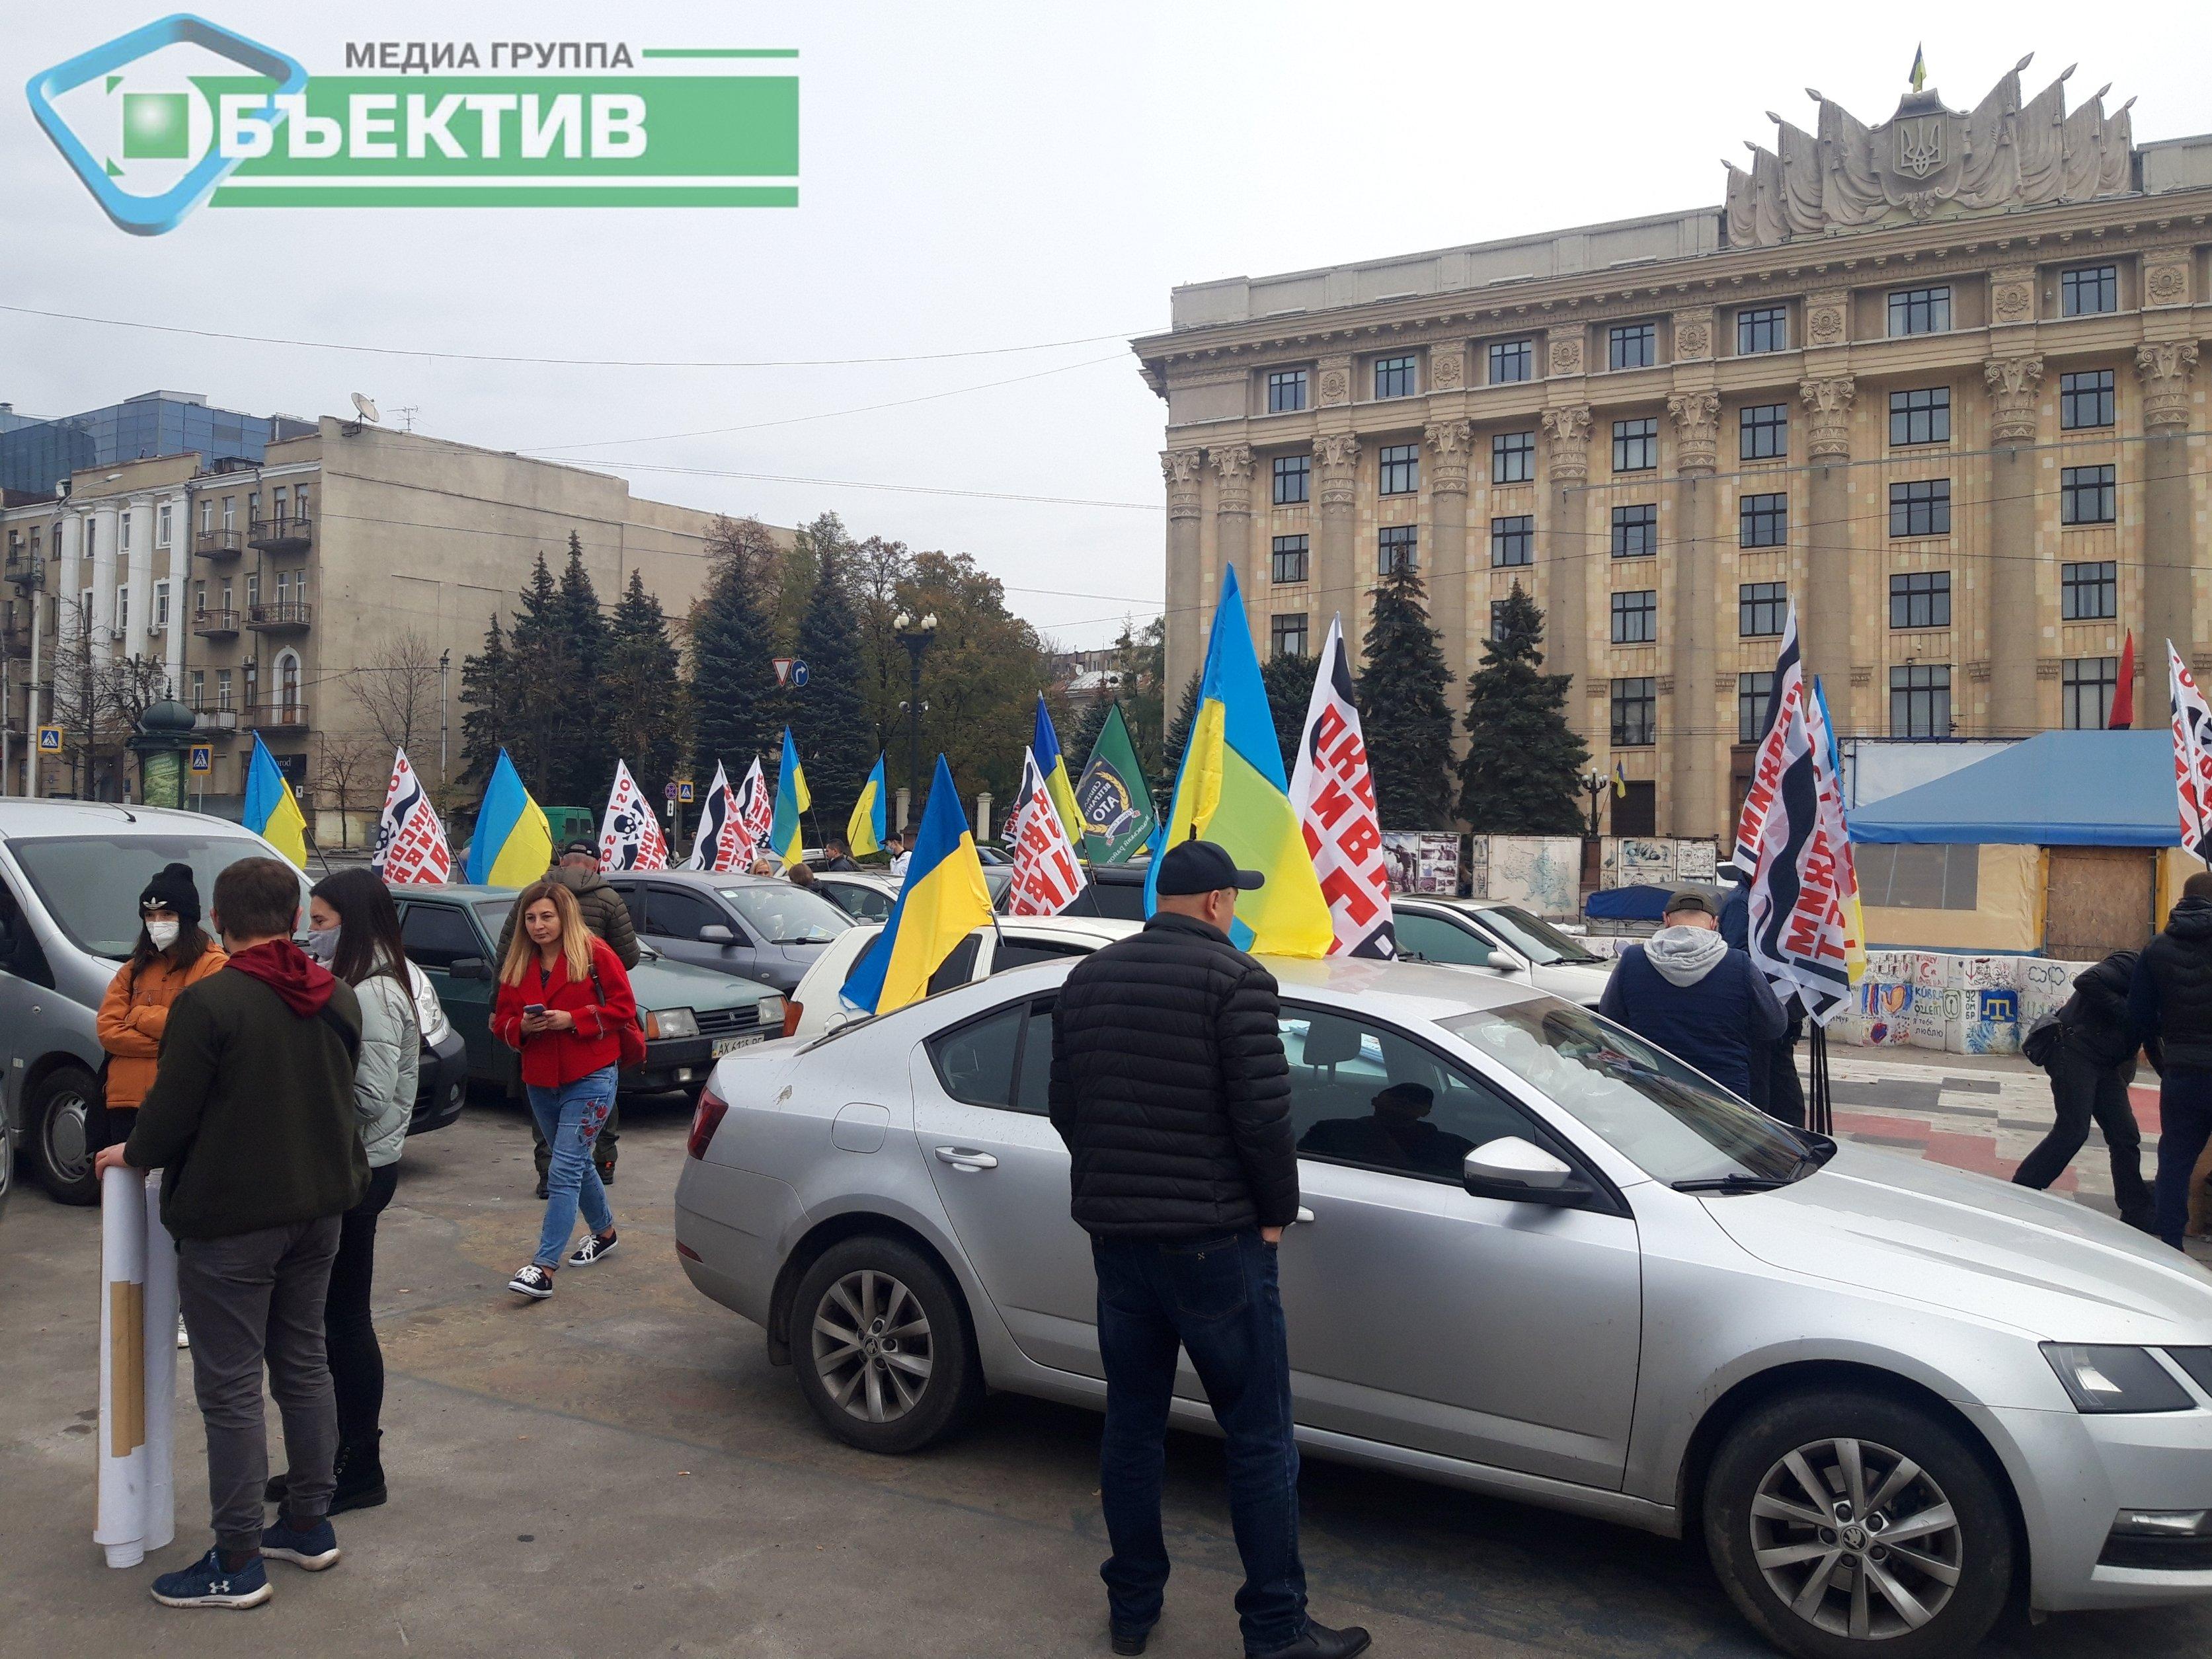 У Харкові розпочався автопробіг проти діяльності коксового заводу (фото, відео)